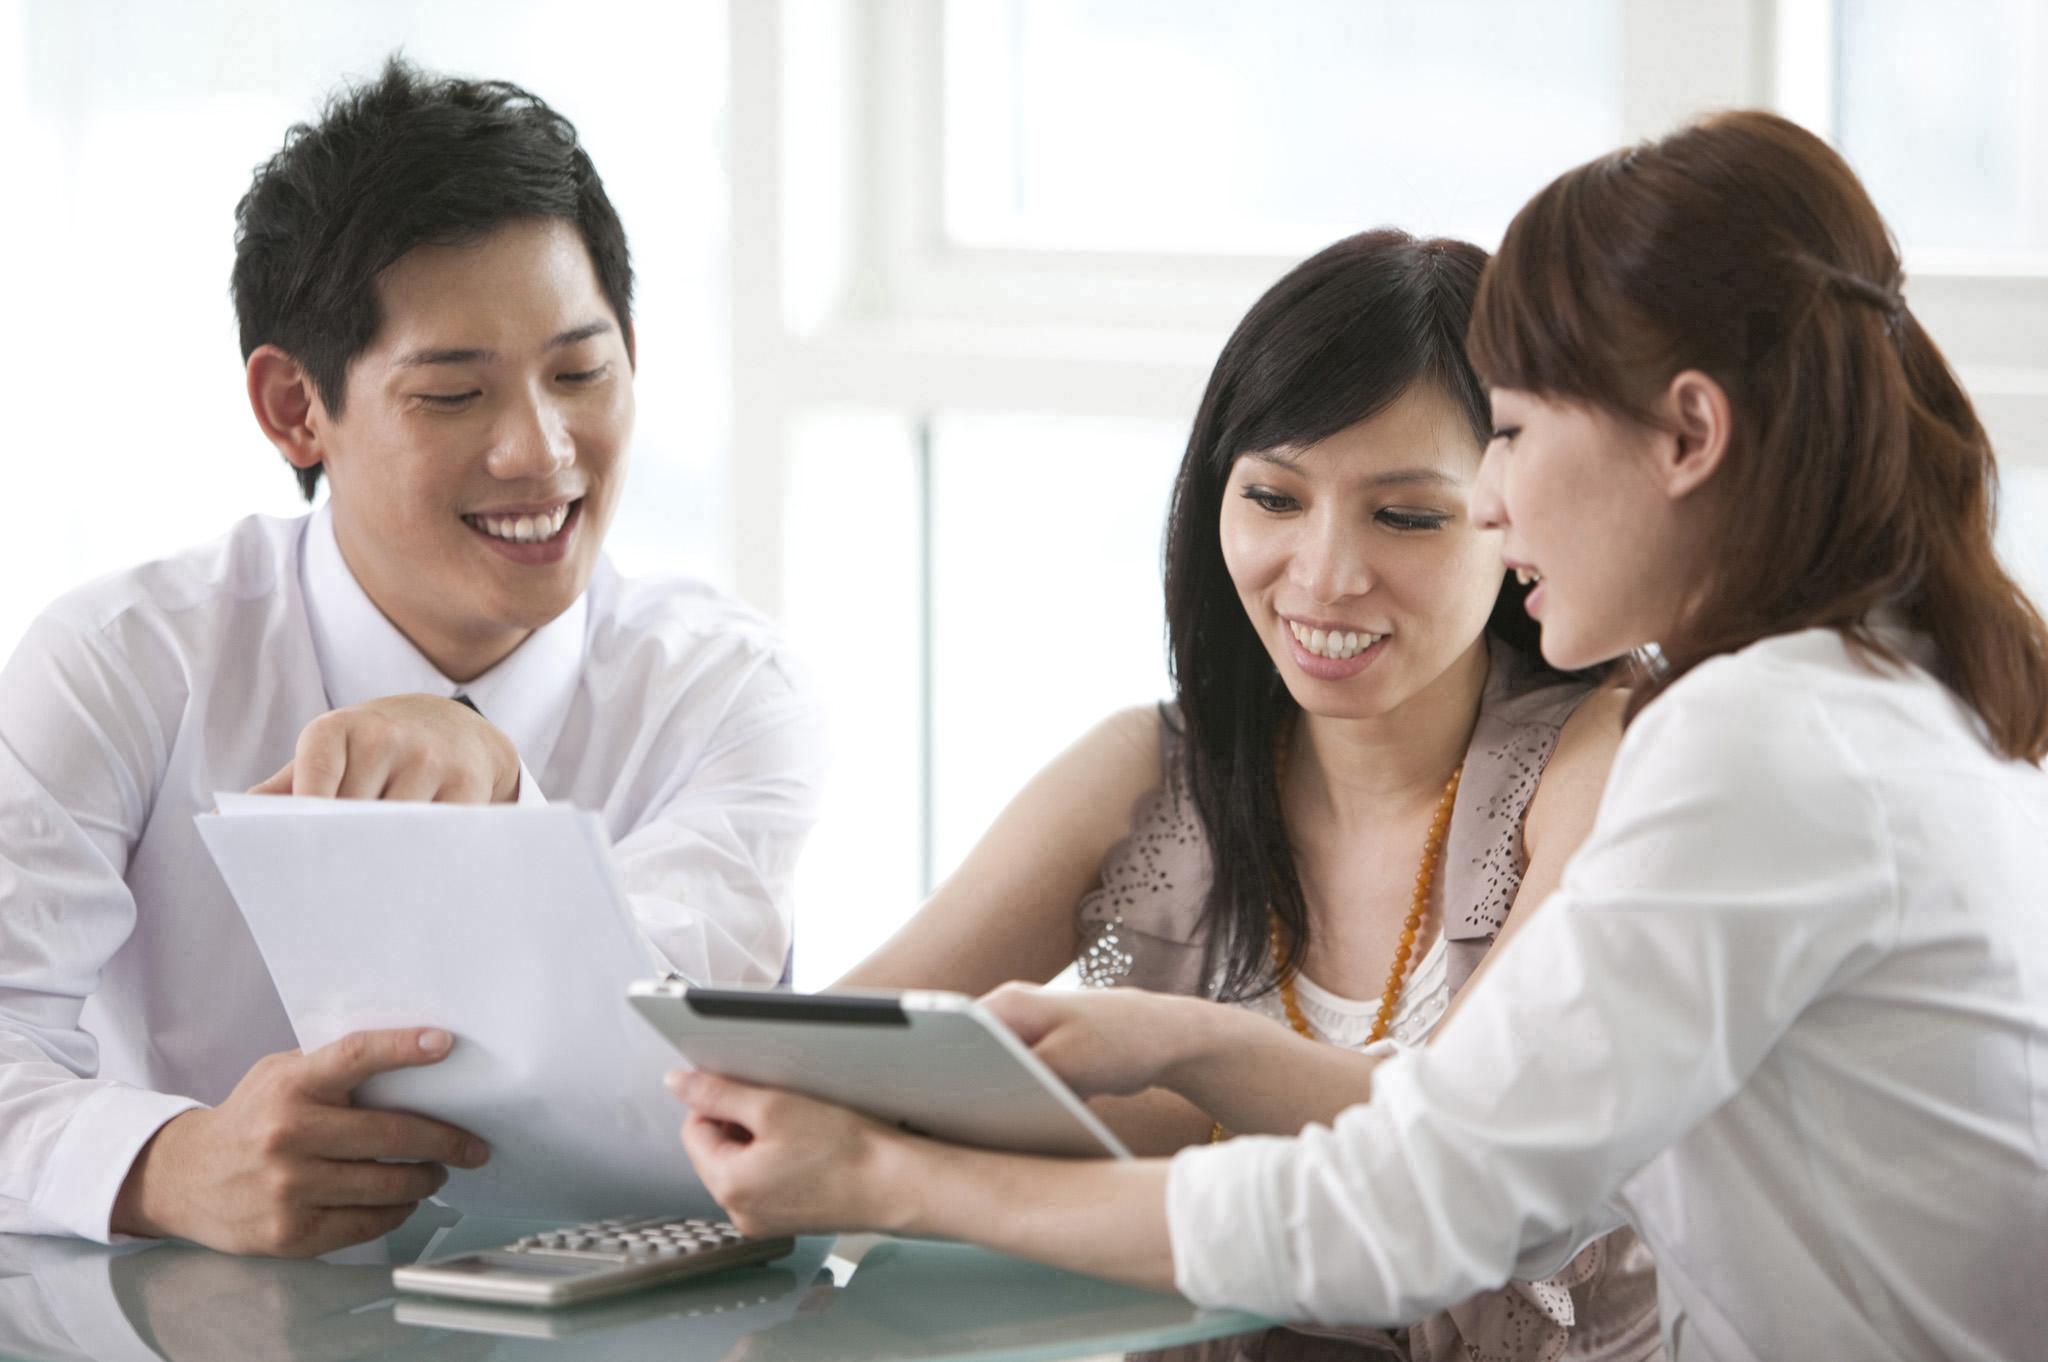 購買保險商品時,應該詳細閱讀「商品說明書或建議書內容」。